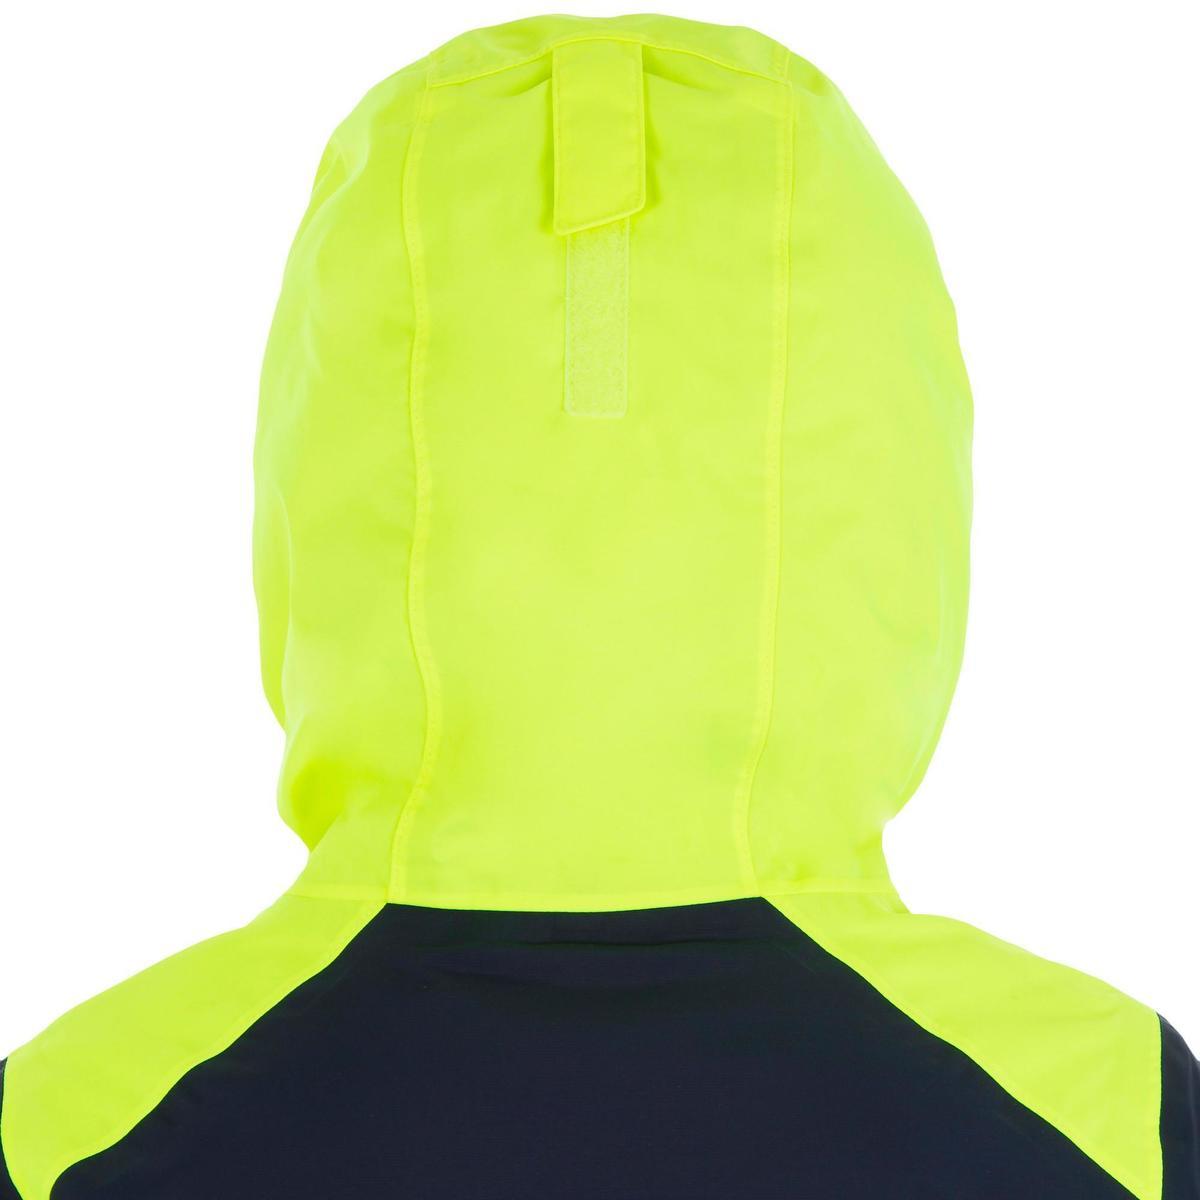 Bild 5 von Segeljacke warm 100 Jungen blau/gelb